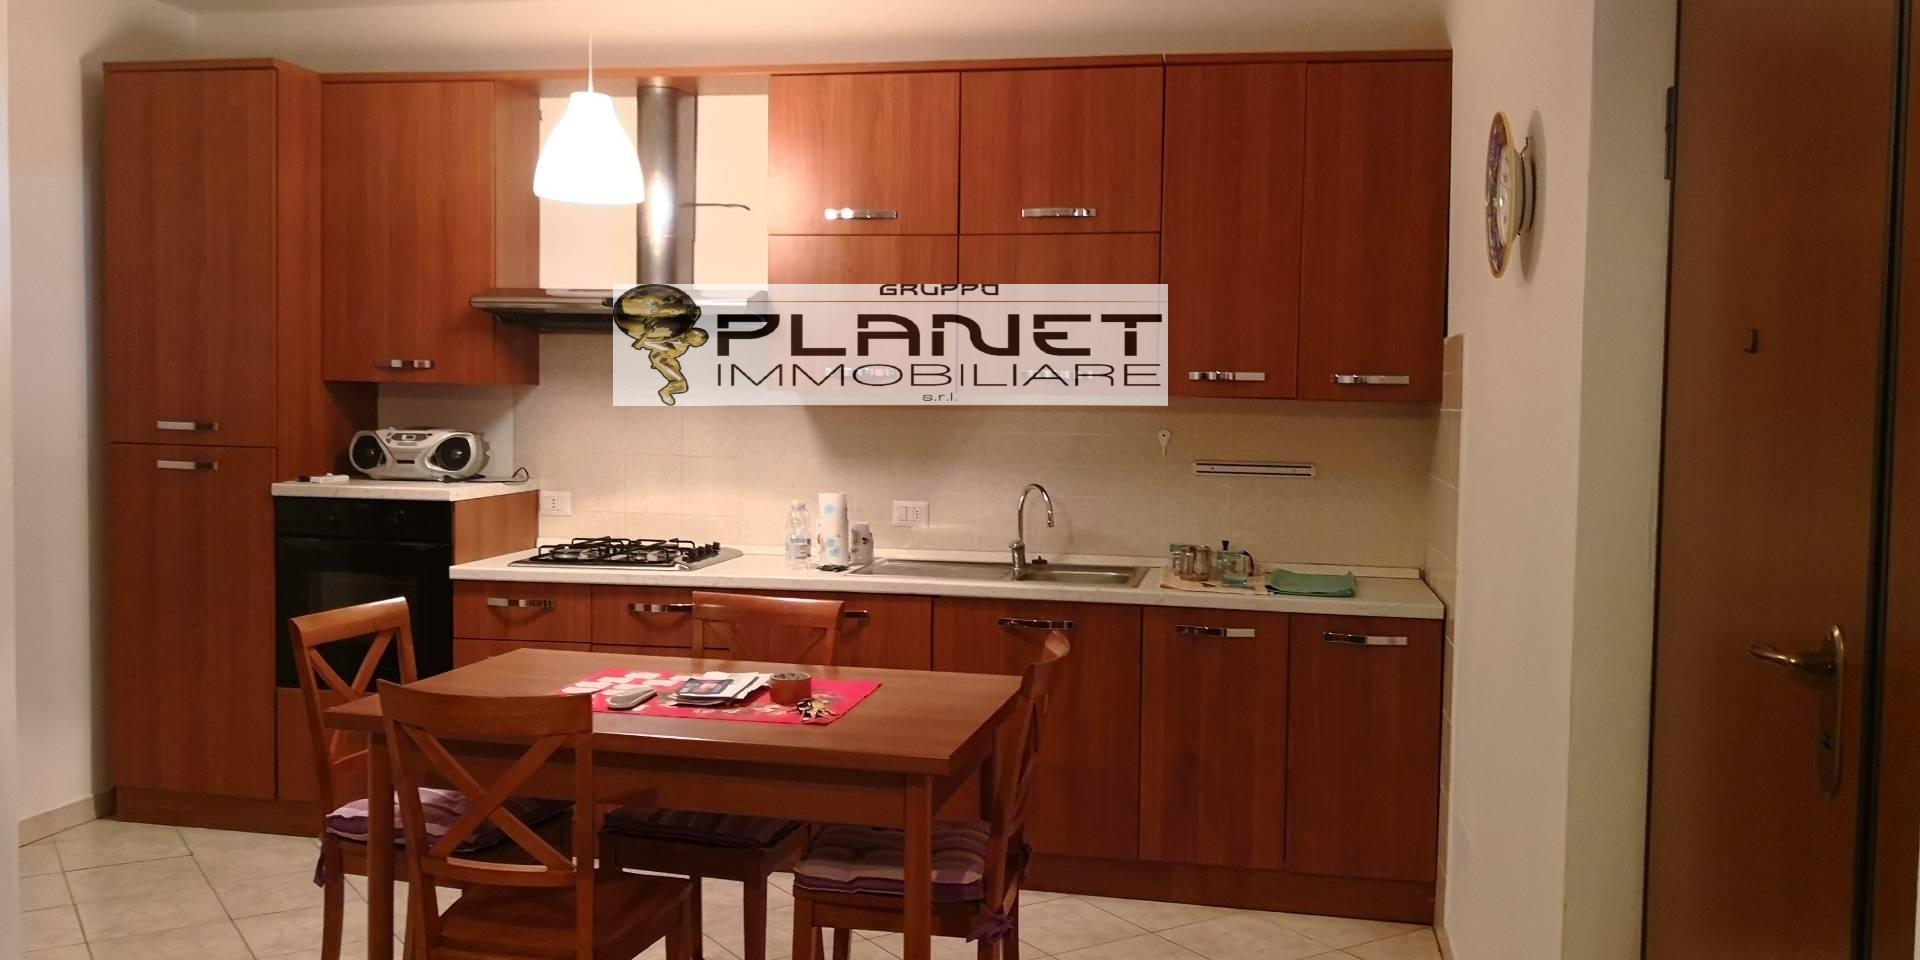 Appartamento in affitto a Lucignano, 3 locali, zona Zona: Croce, prezzo € 430 | CambioCasa.it